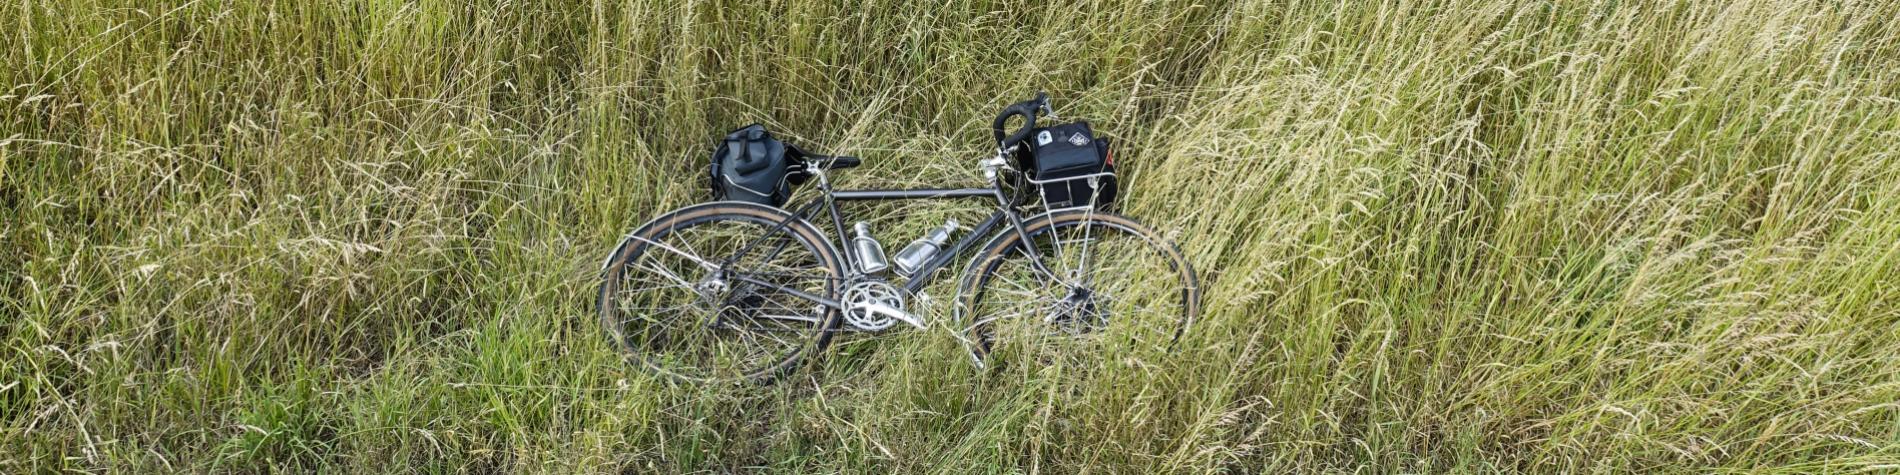 Vélo posé dans l'herbe en campagne